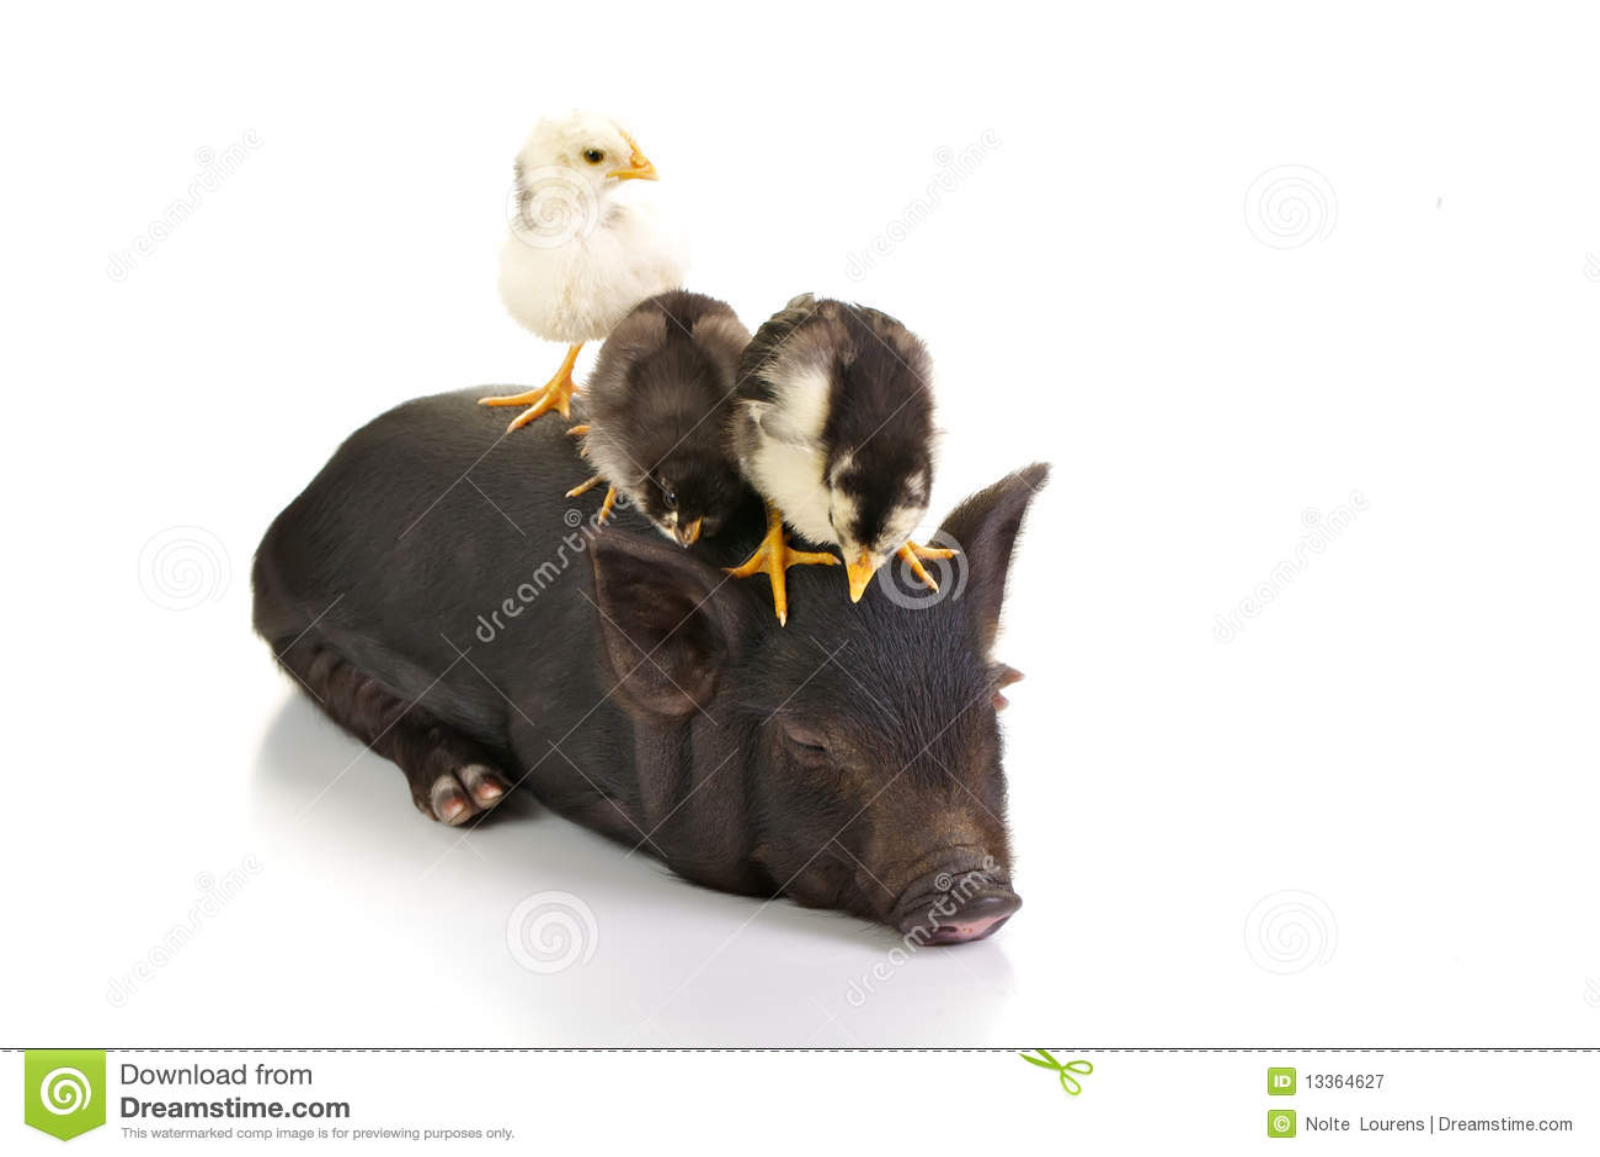 Chicks on pig